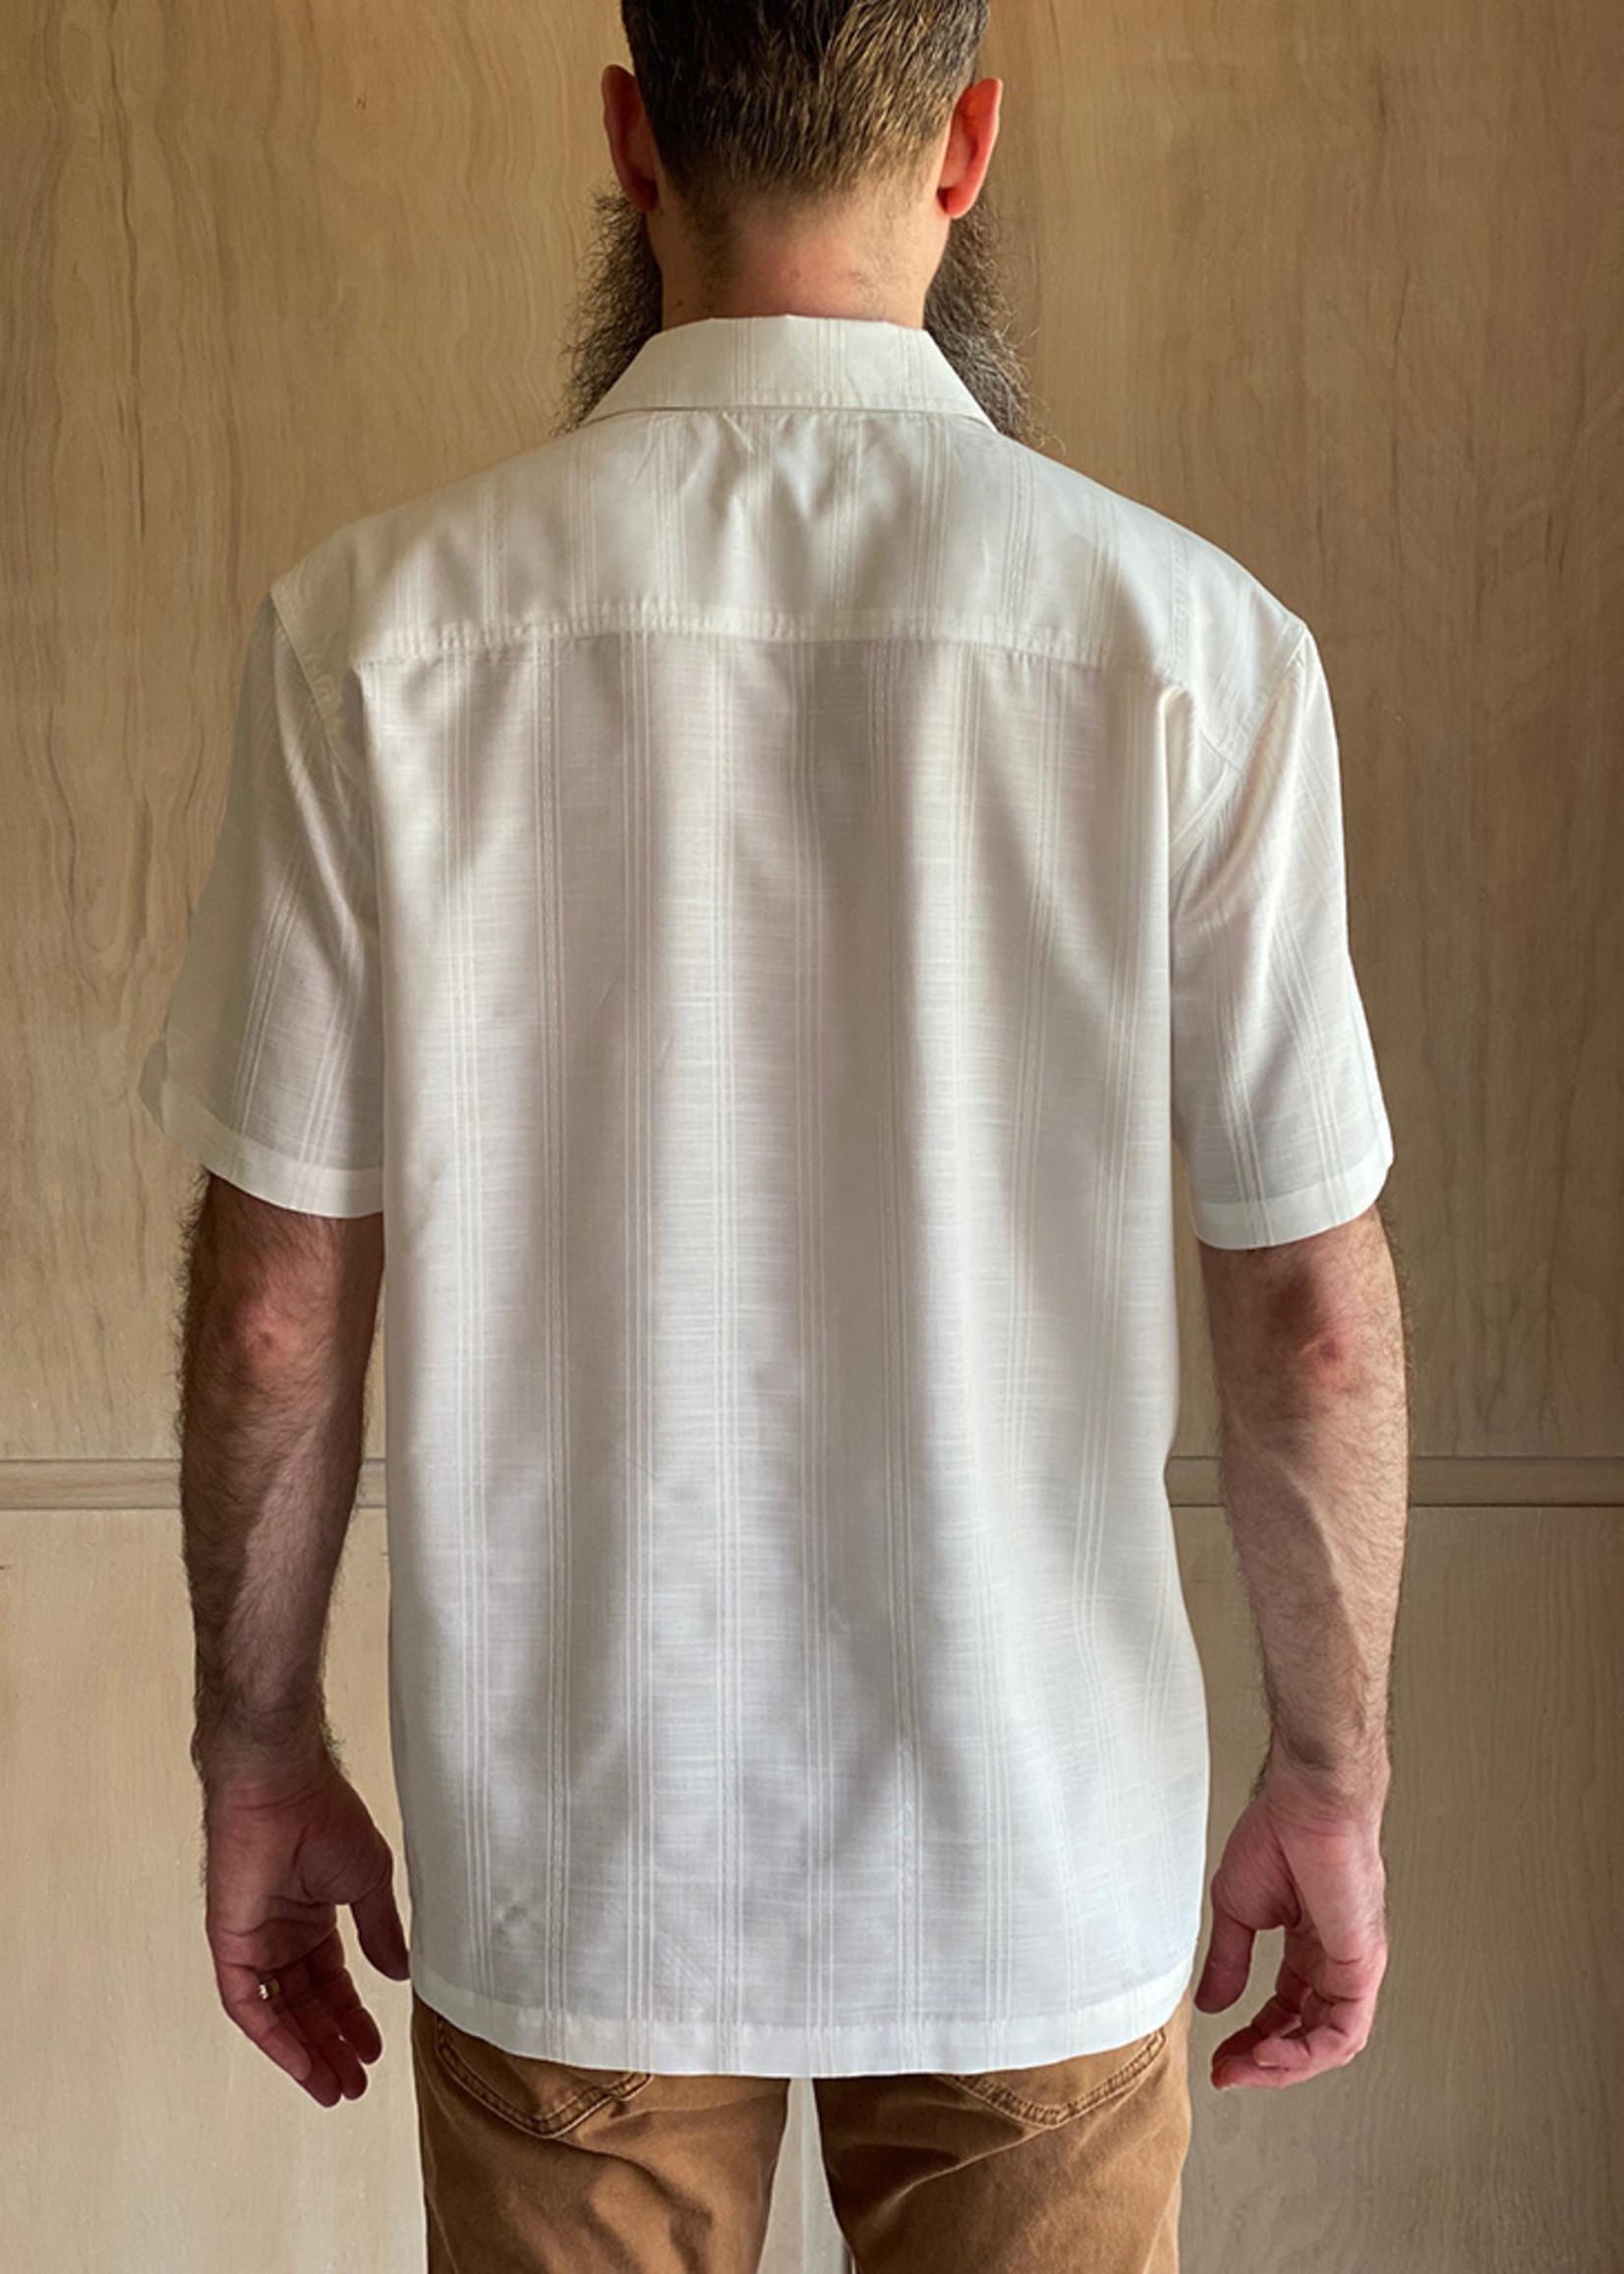 Creamy White Hemp Shirt